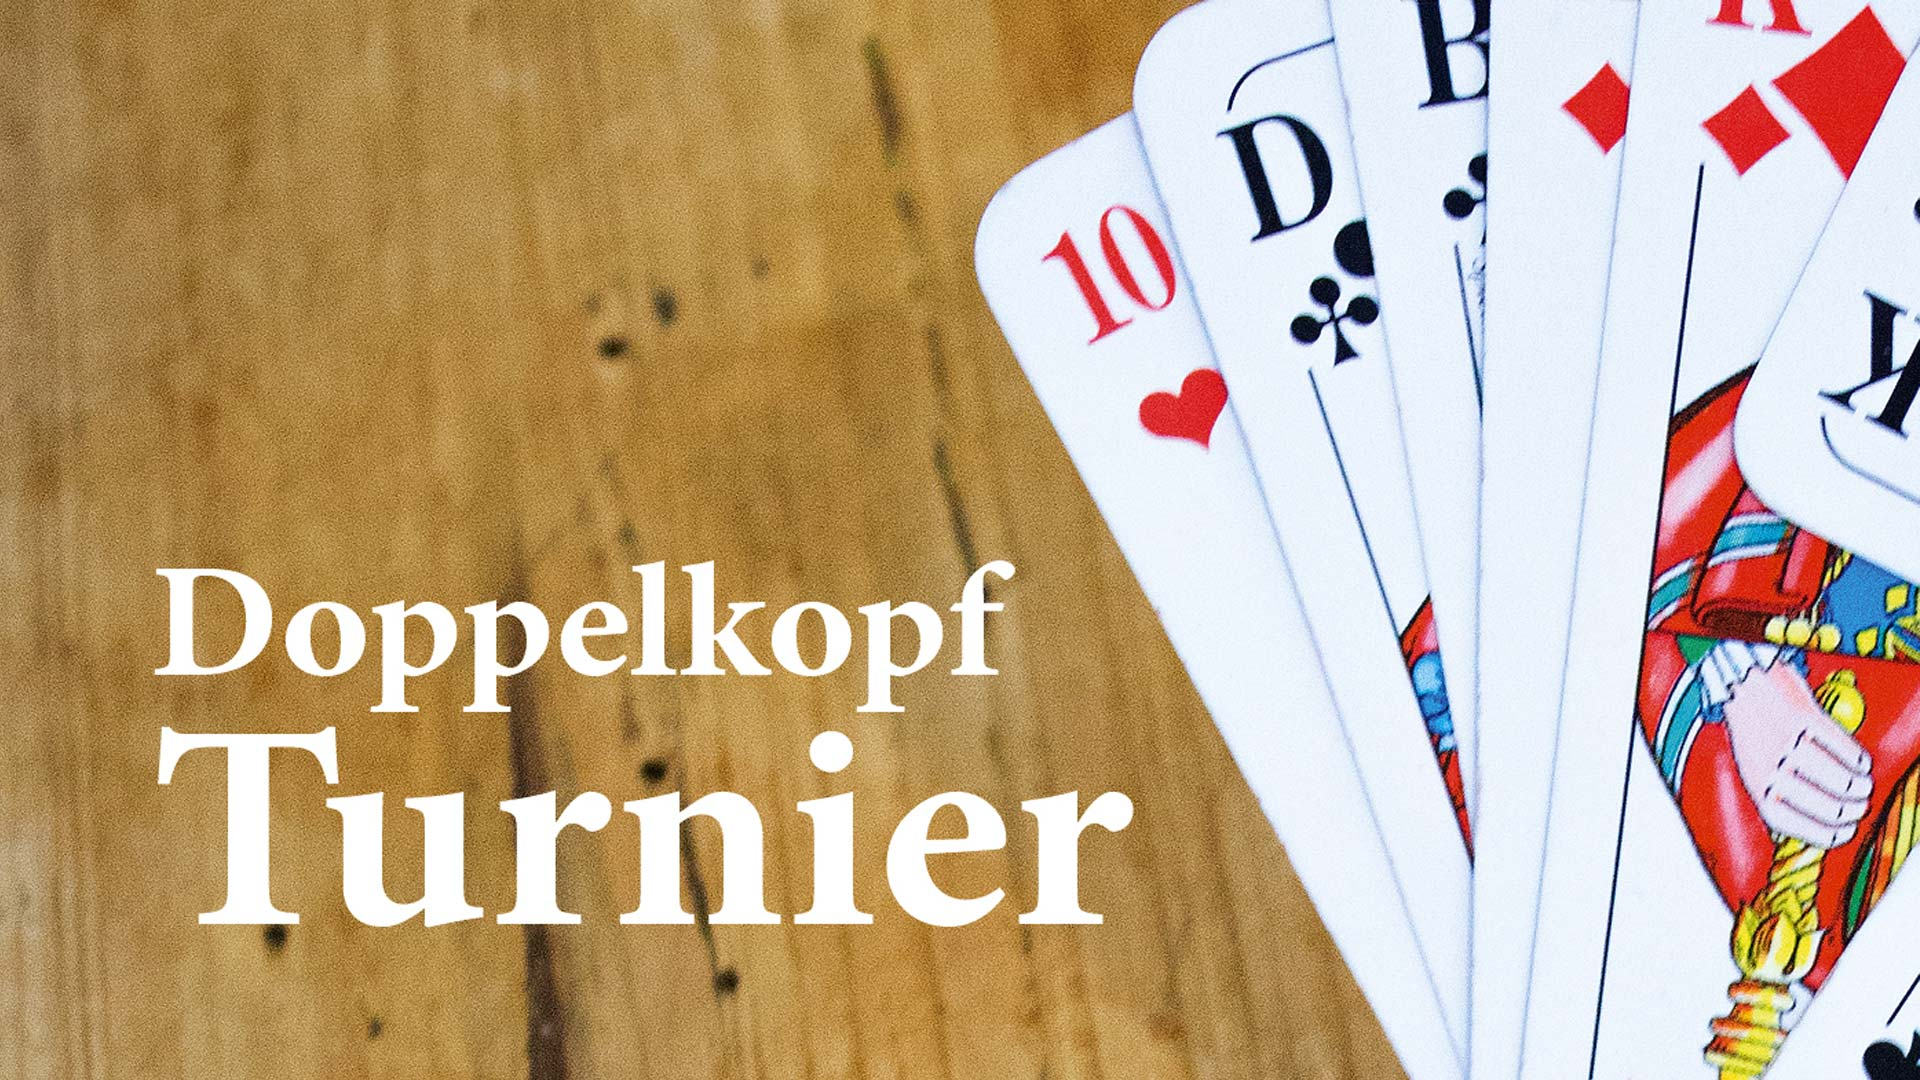 Doppelkopfturnier - Freitag, 17. November 2017